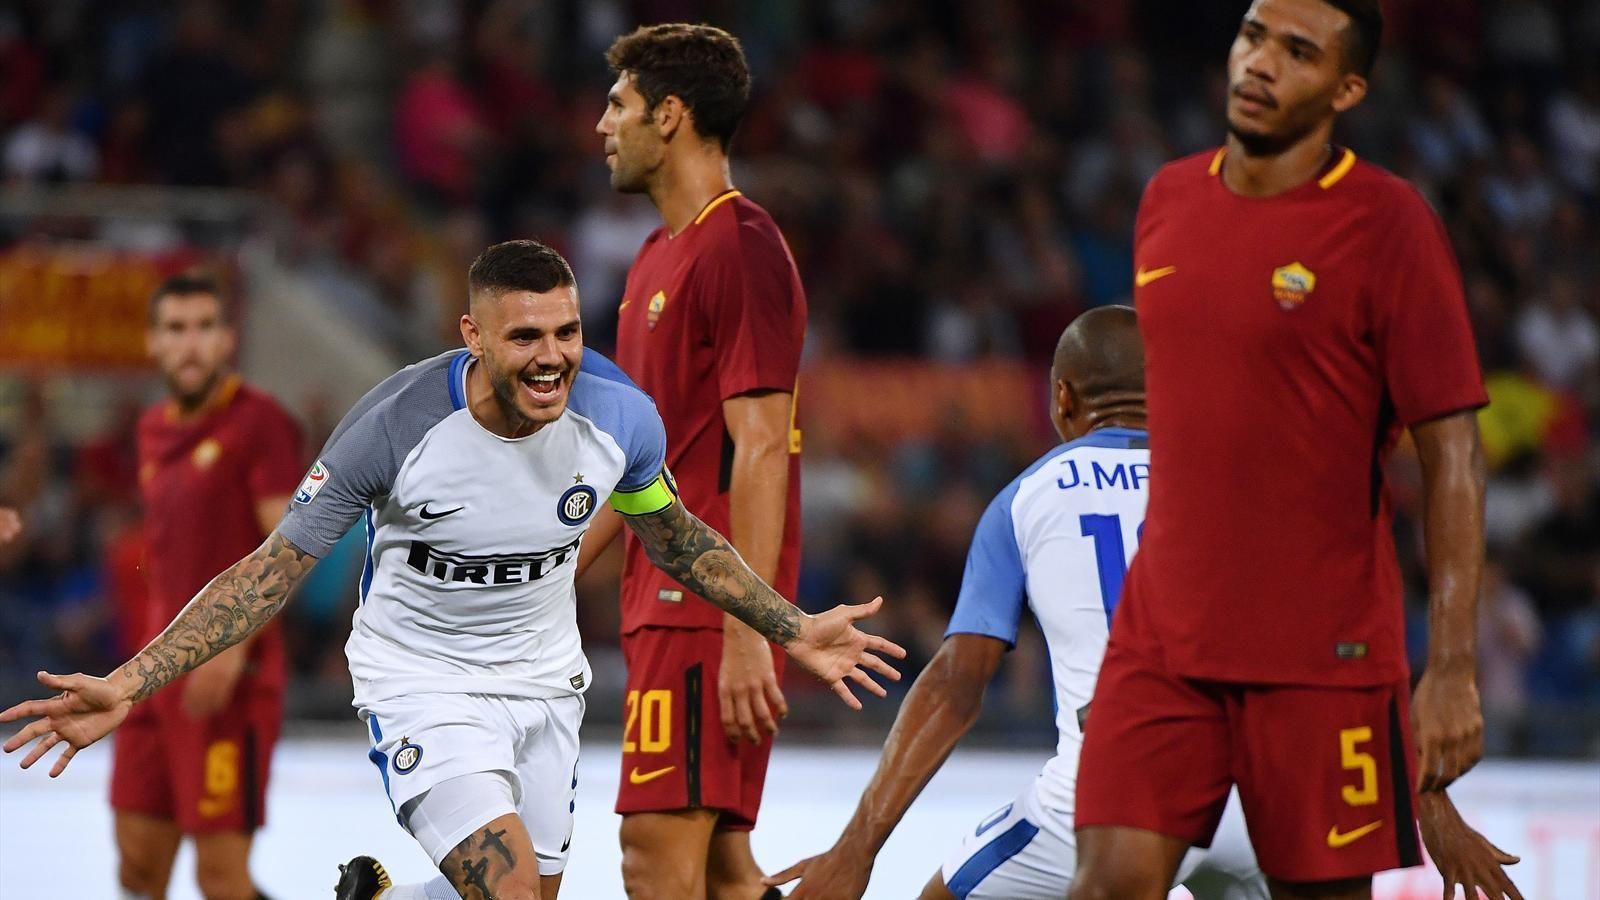 2 декабря. Прямая трансляция матча «Рома» — «Интер»